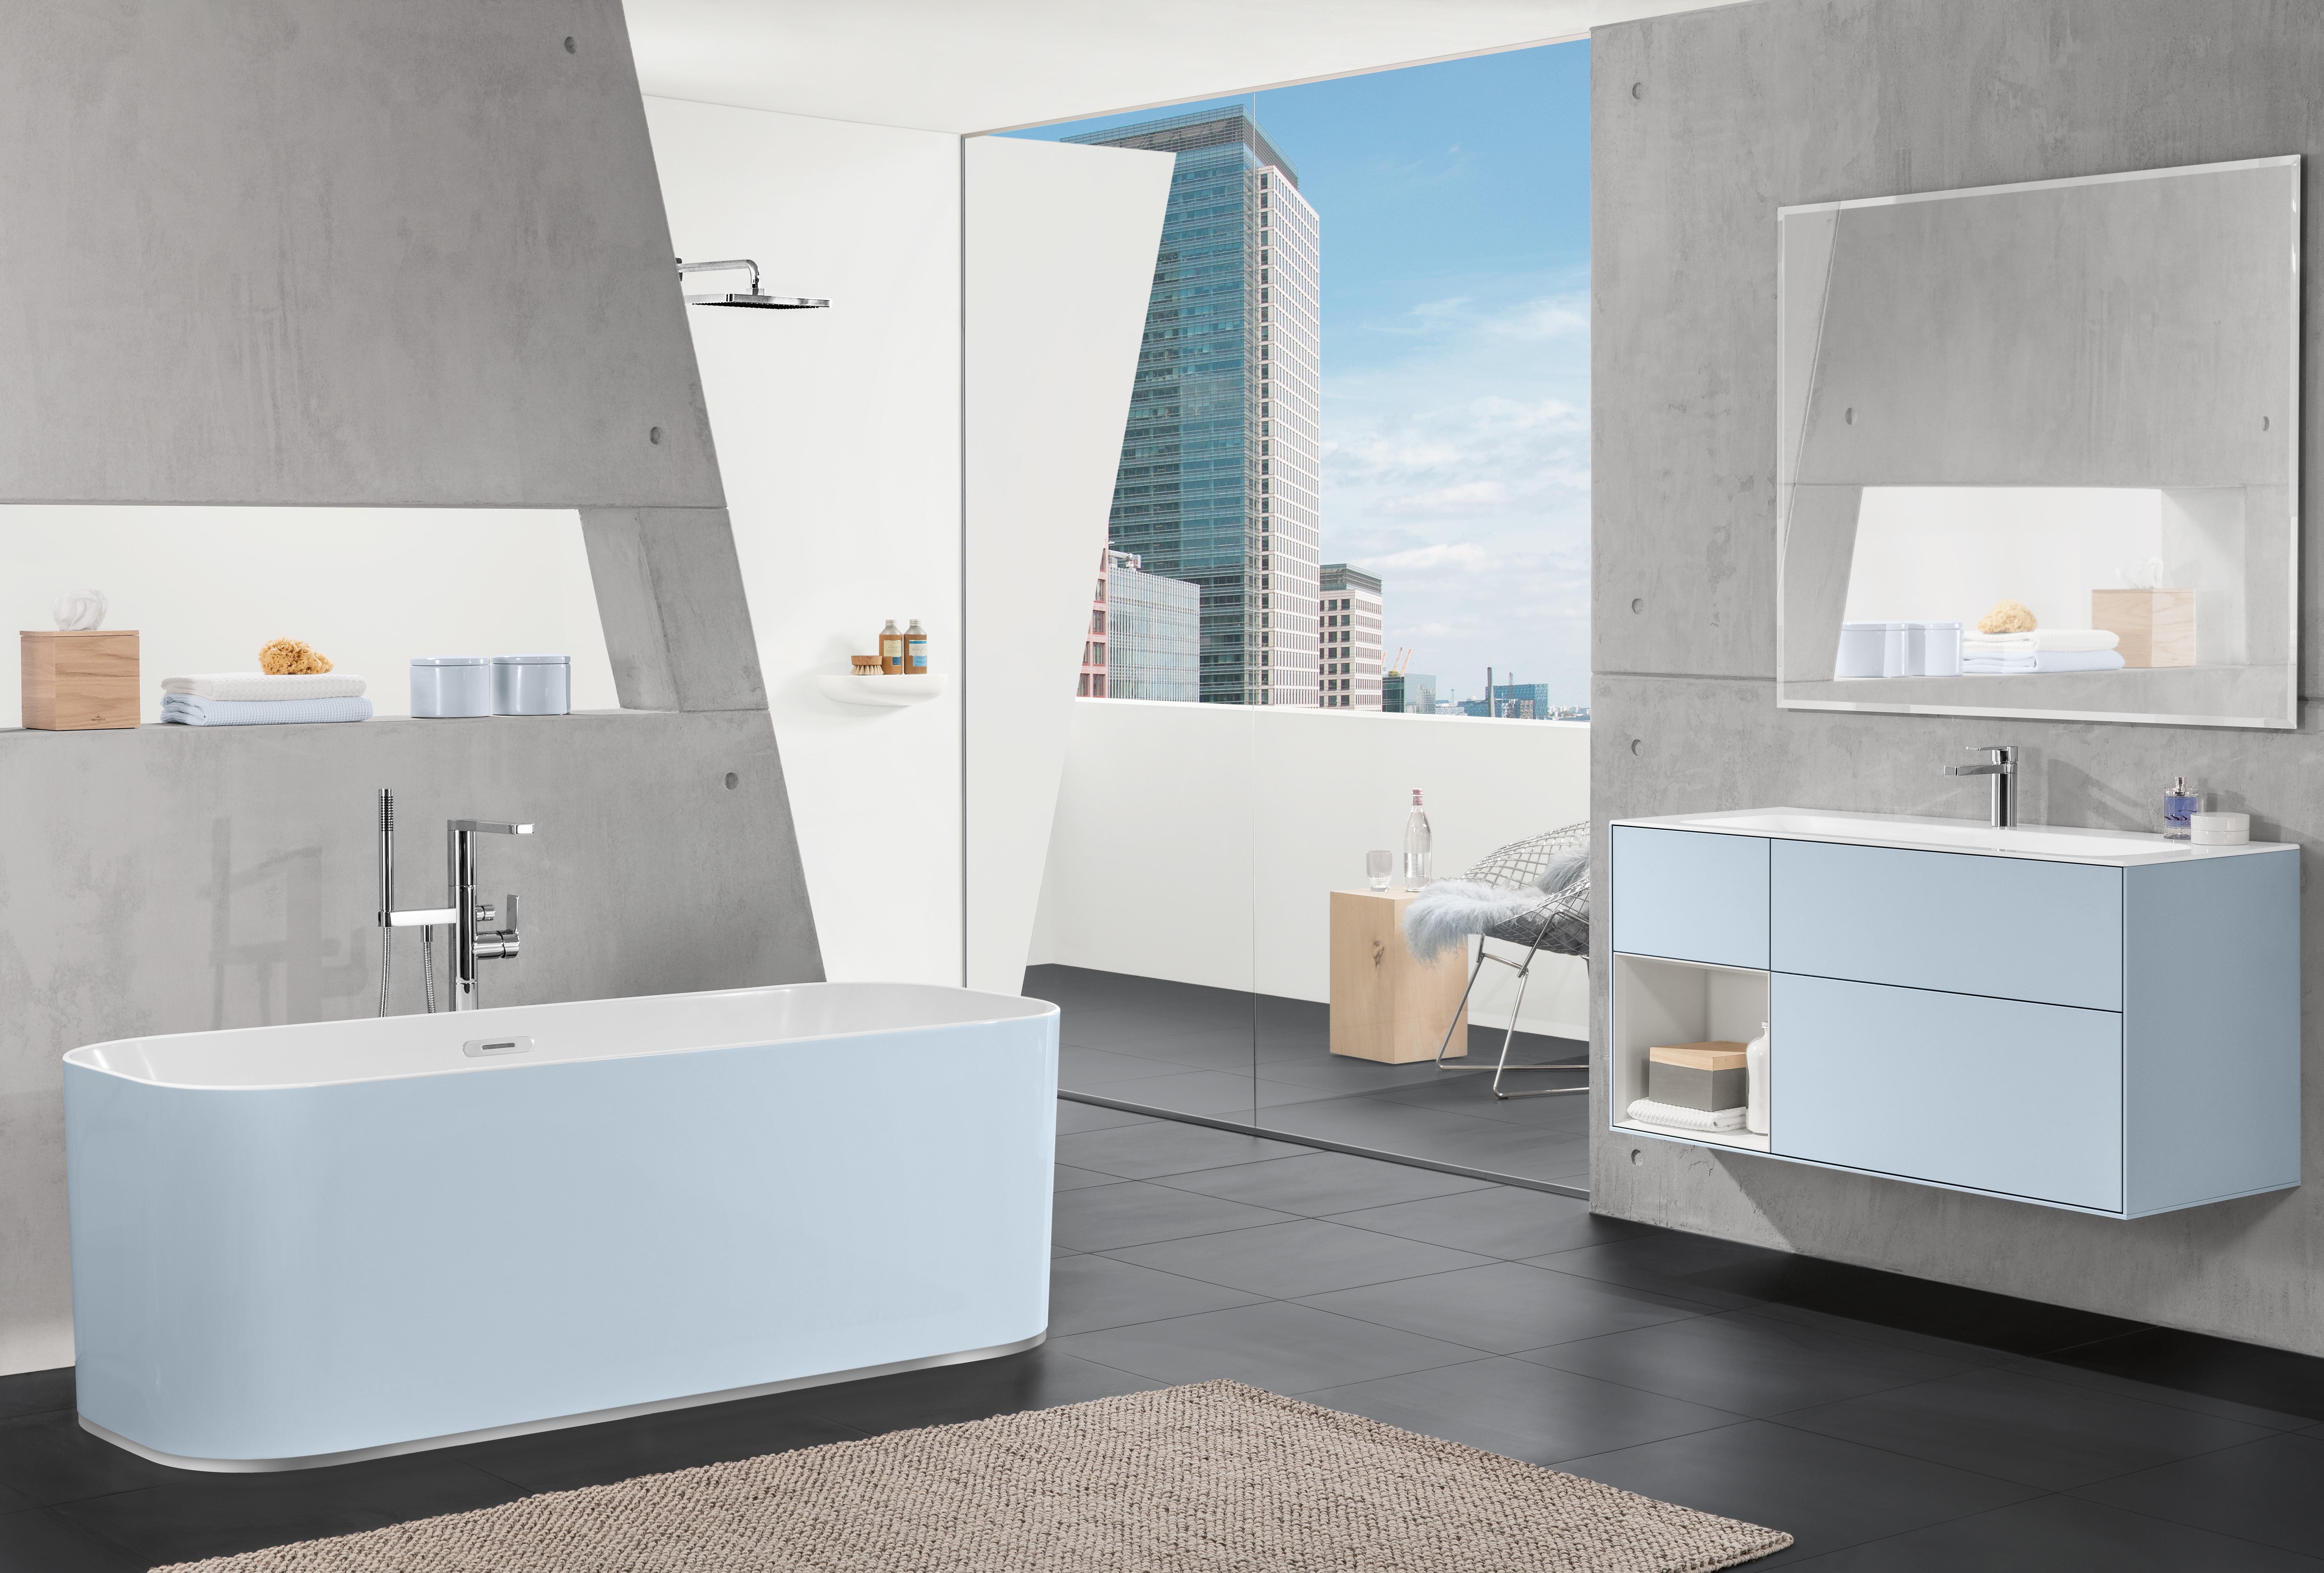 Finion Bath, Baths, Free-standing baths